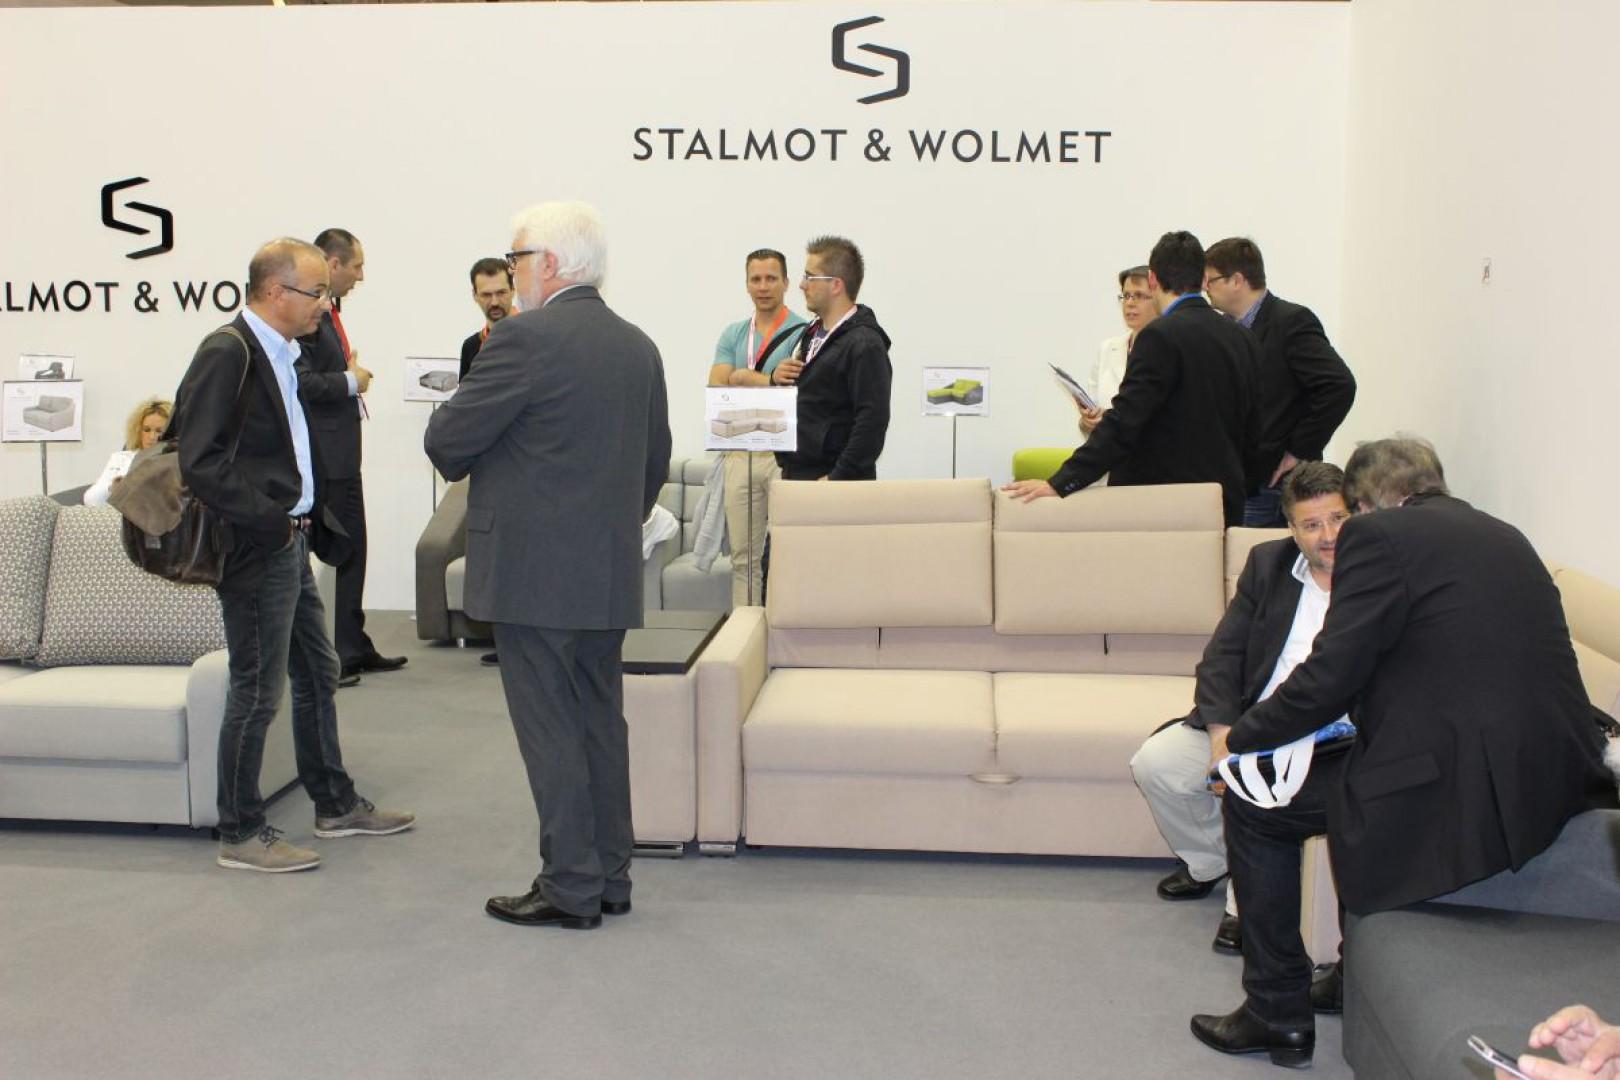 Stoisko firmy Stalmot & Wolmet na targach Interzum 2015. Fot. Mariusz Golak